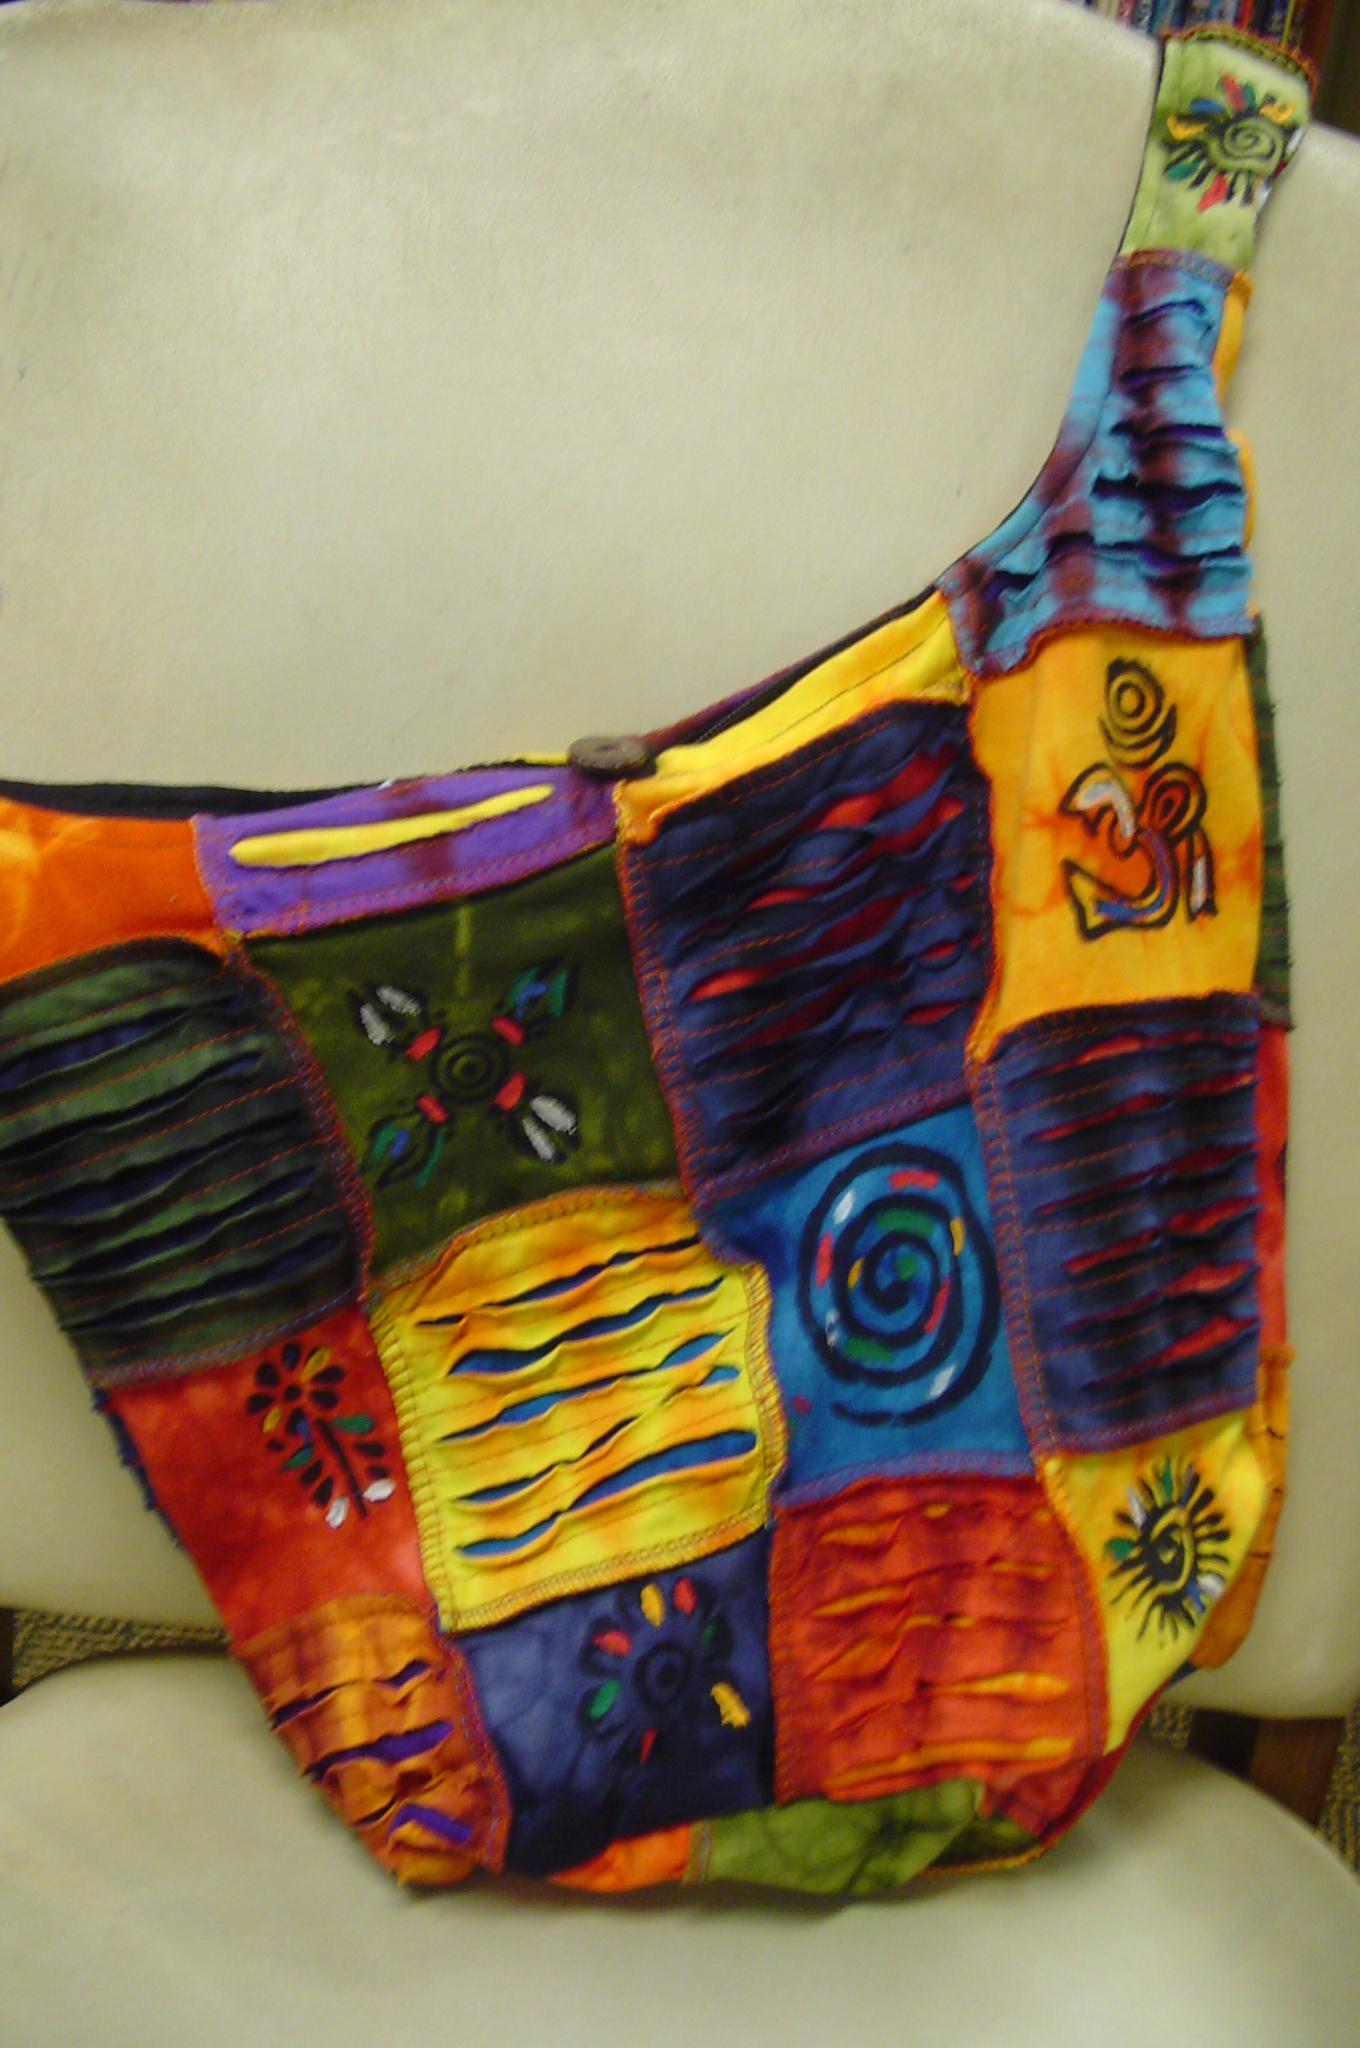 Rising Colorful Bag 7002